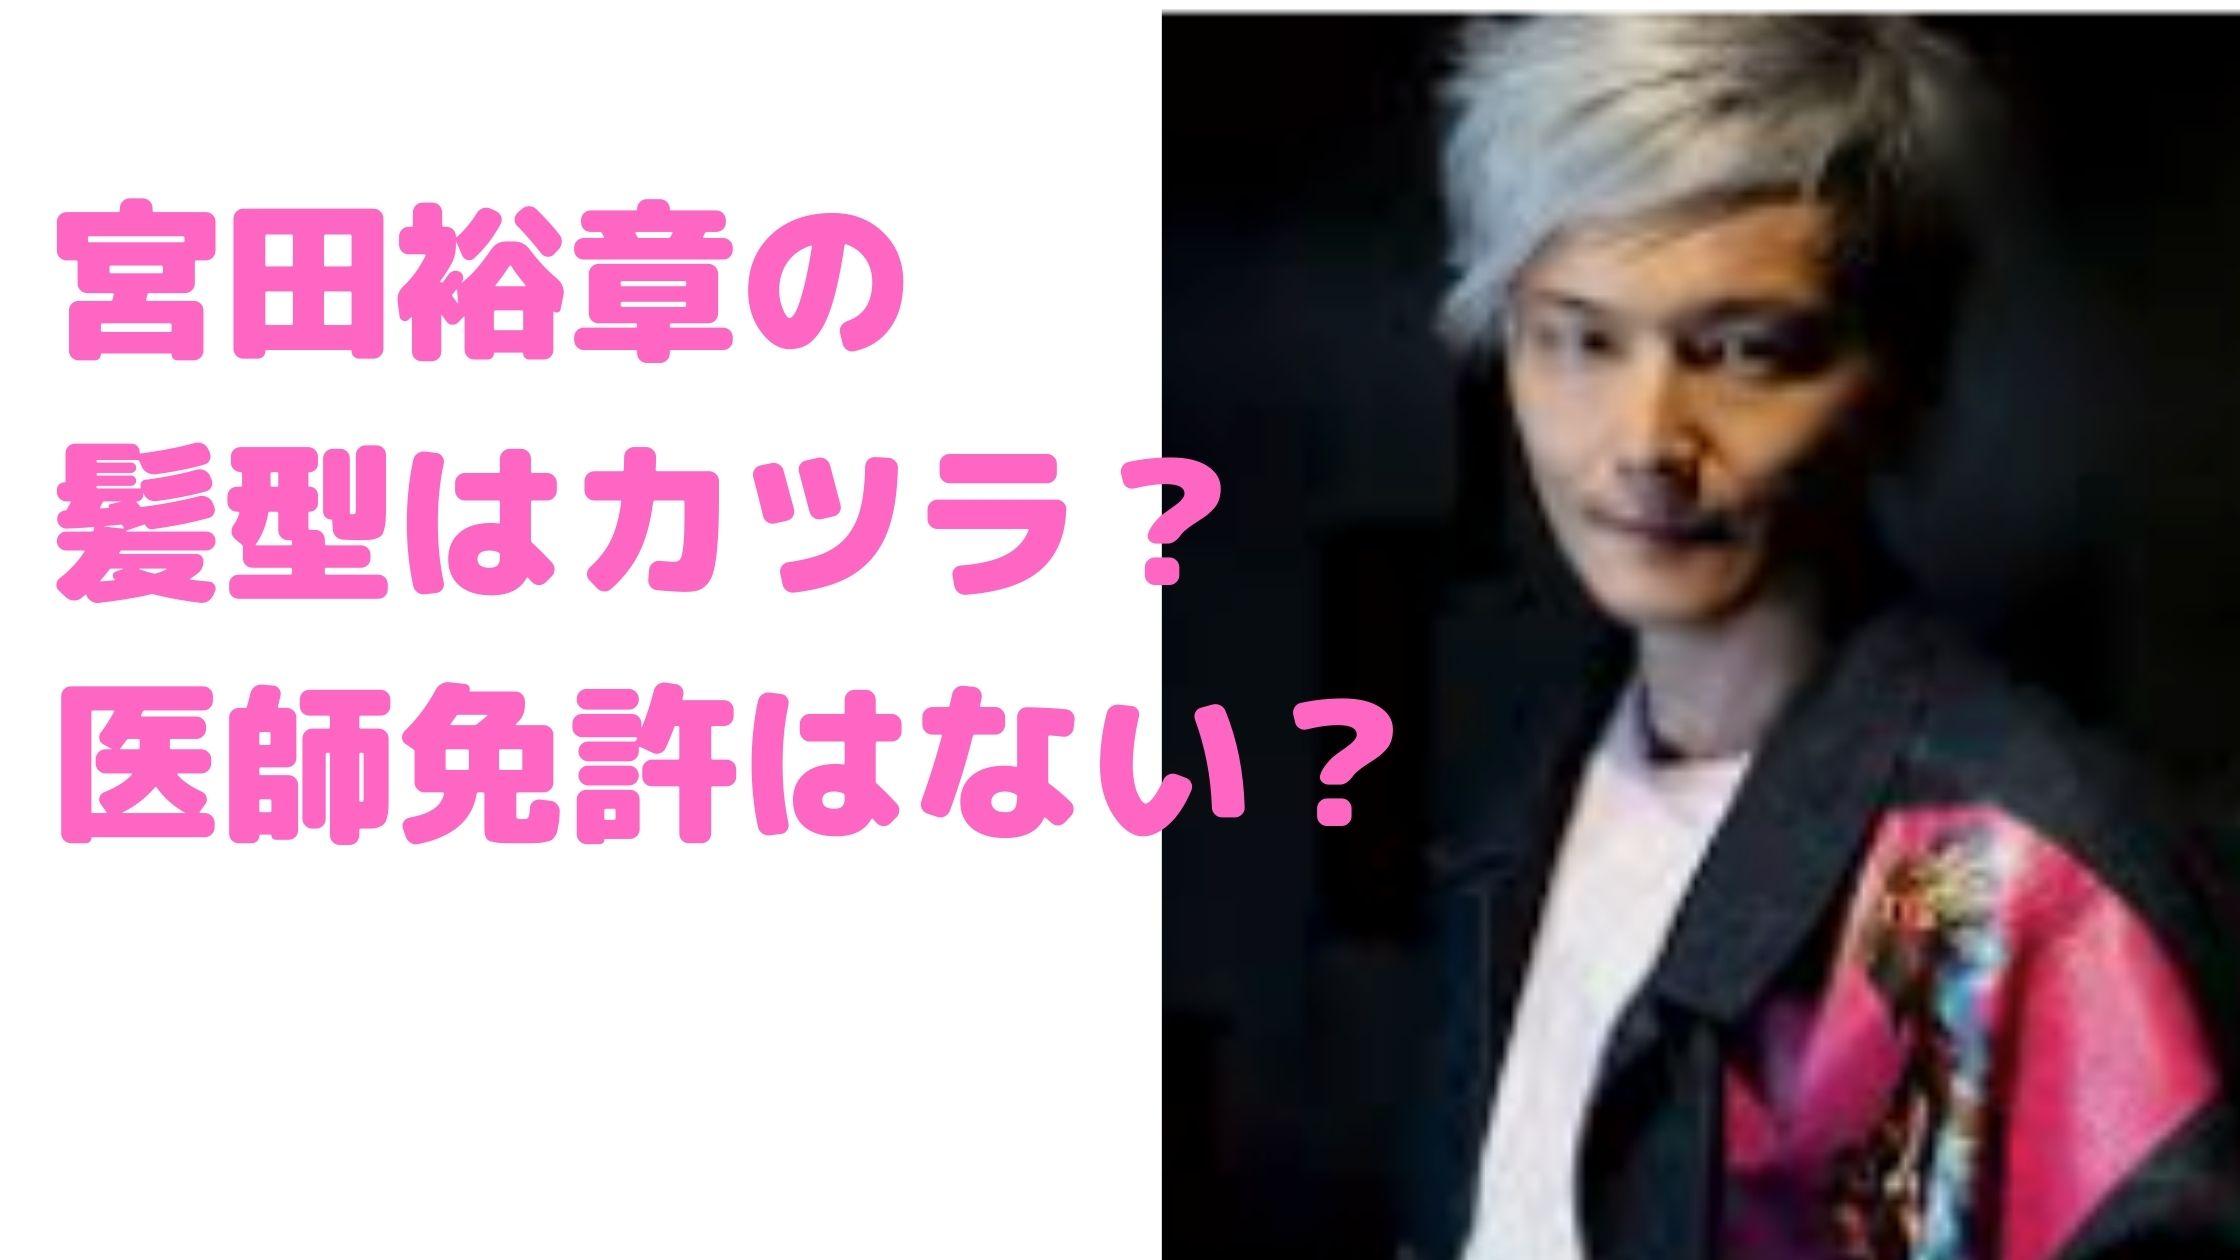 宮田裕章 略歴 学歴 プロフィール 結婚 嫁 髪型 カツラ 白髪